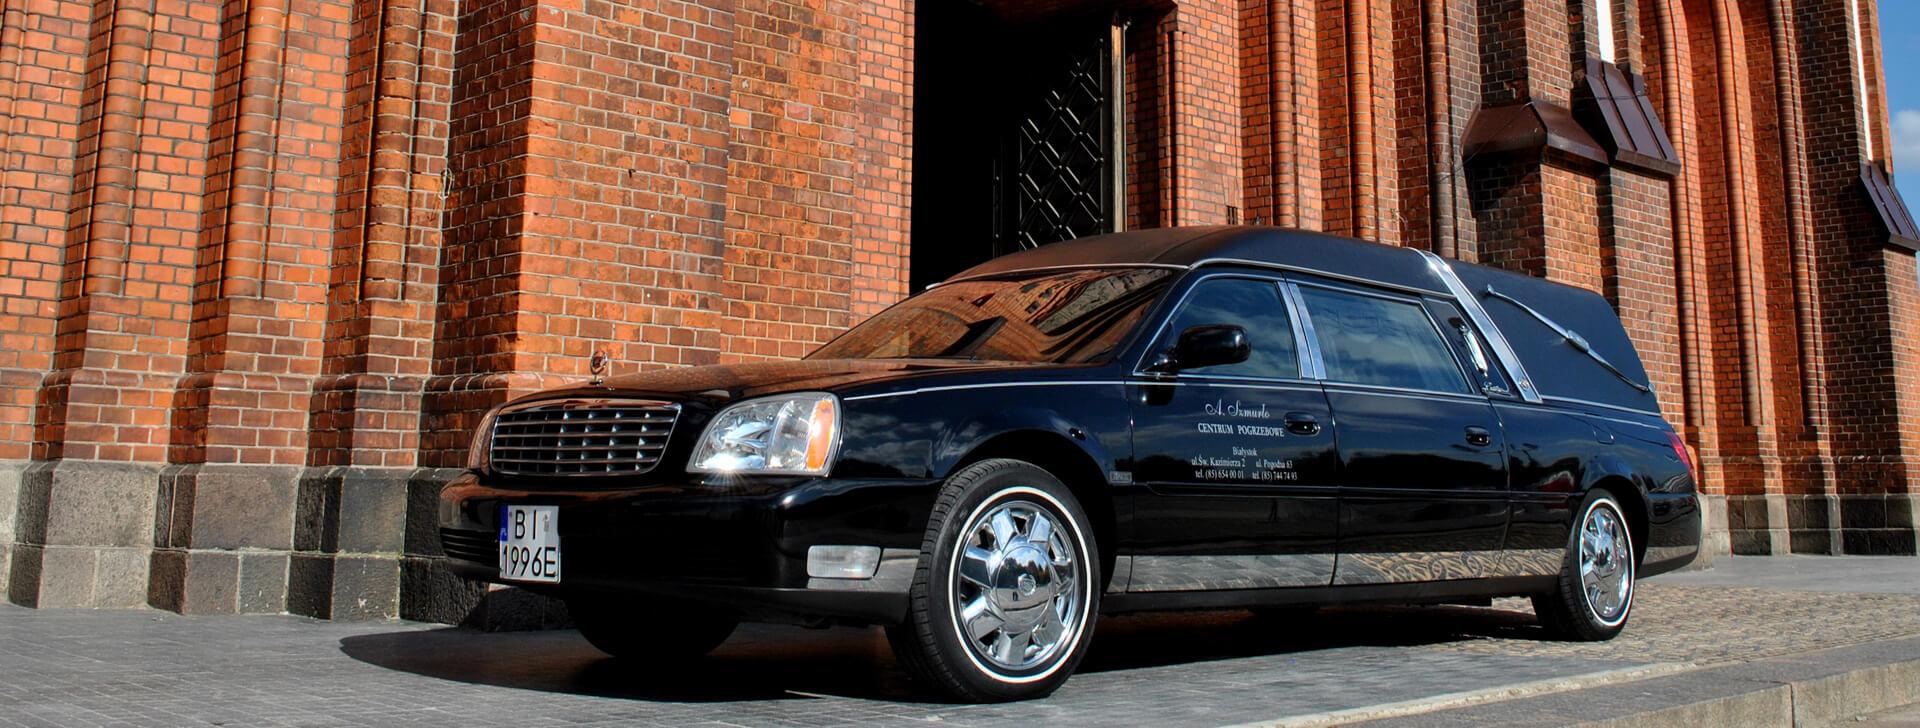 Samochód z zakładu pogrzebowego Szmurło